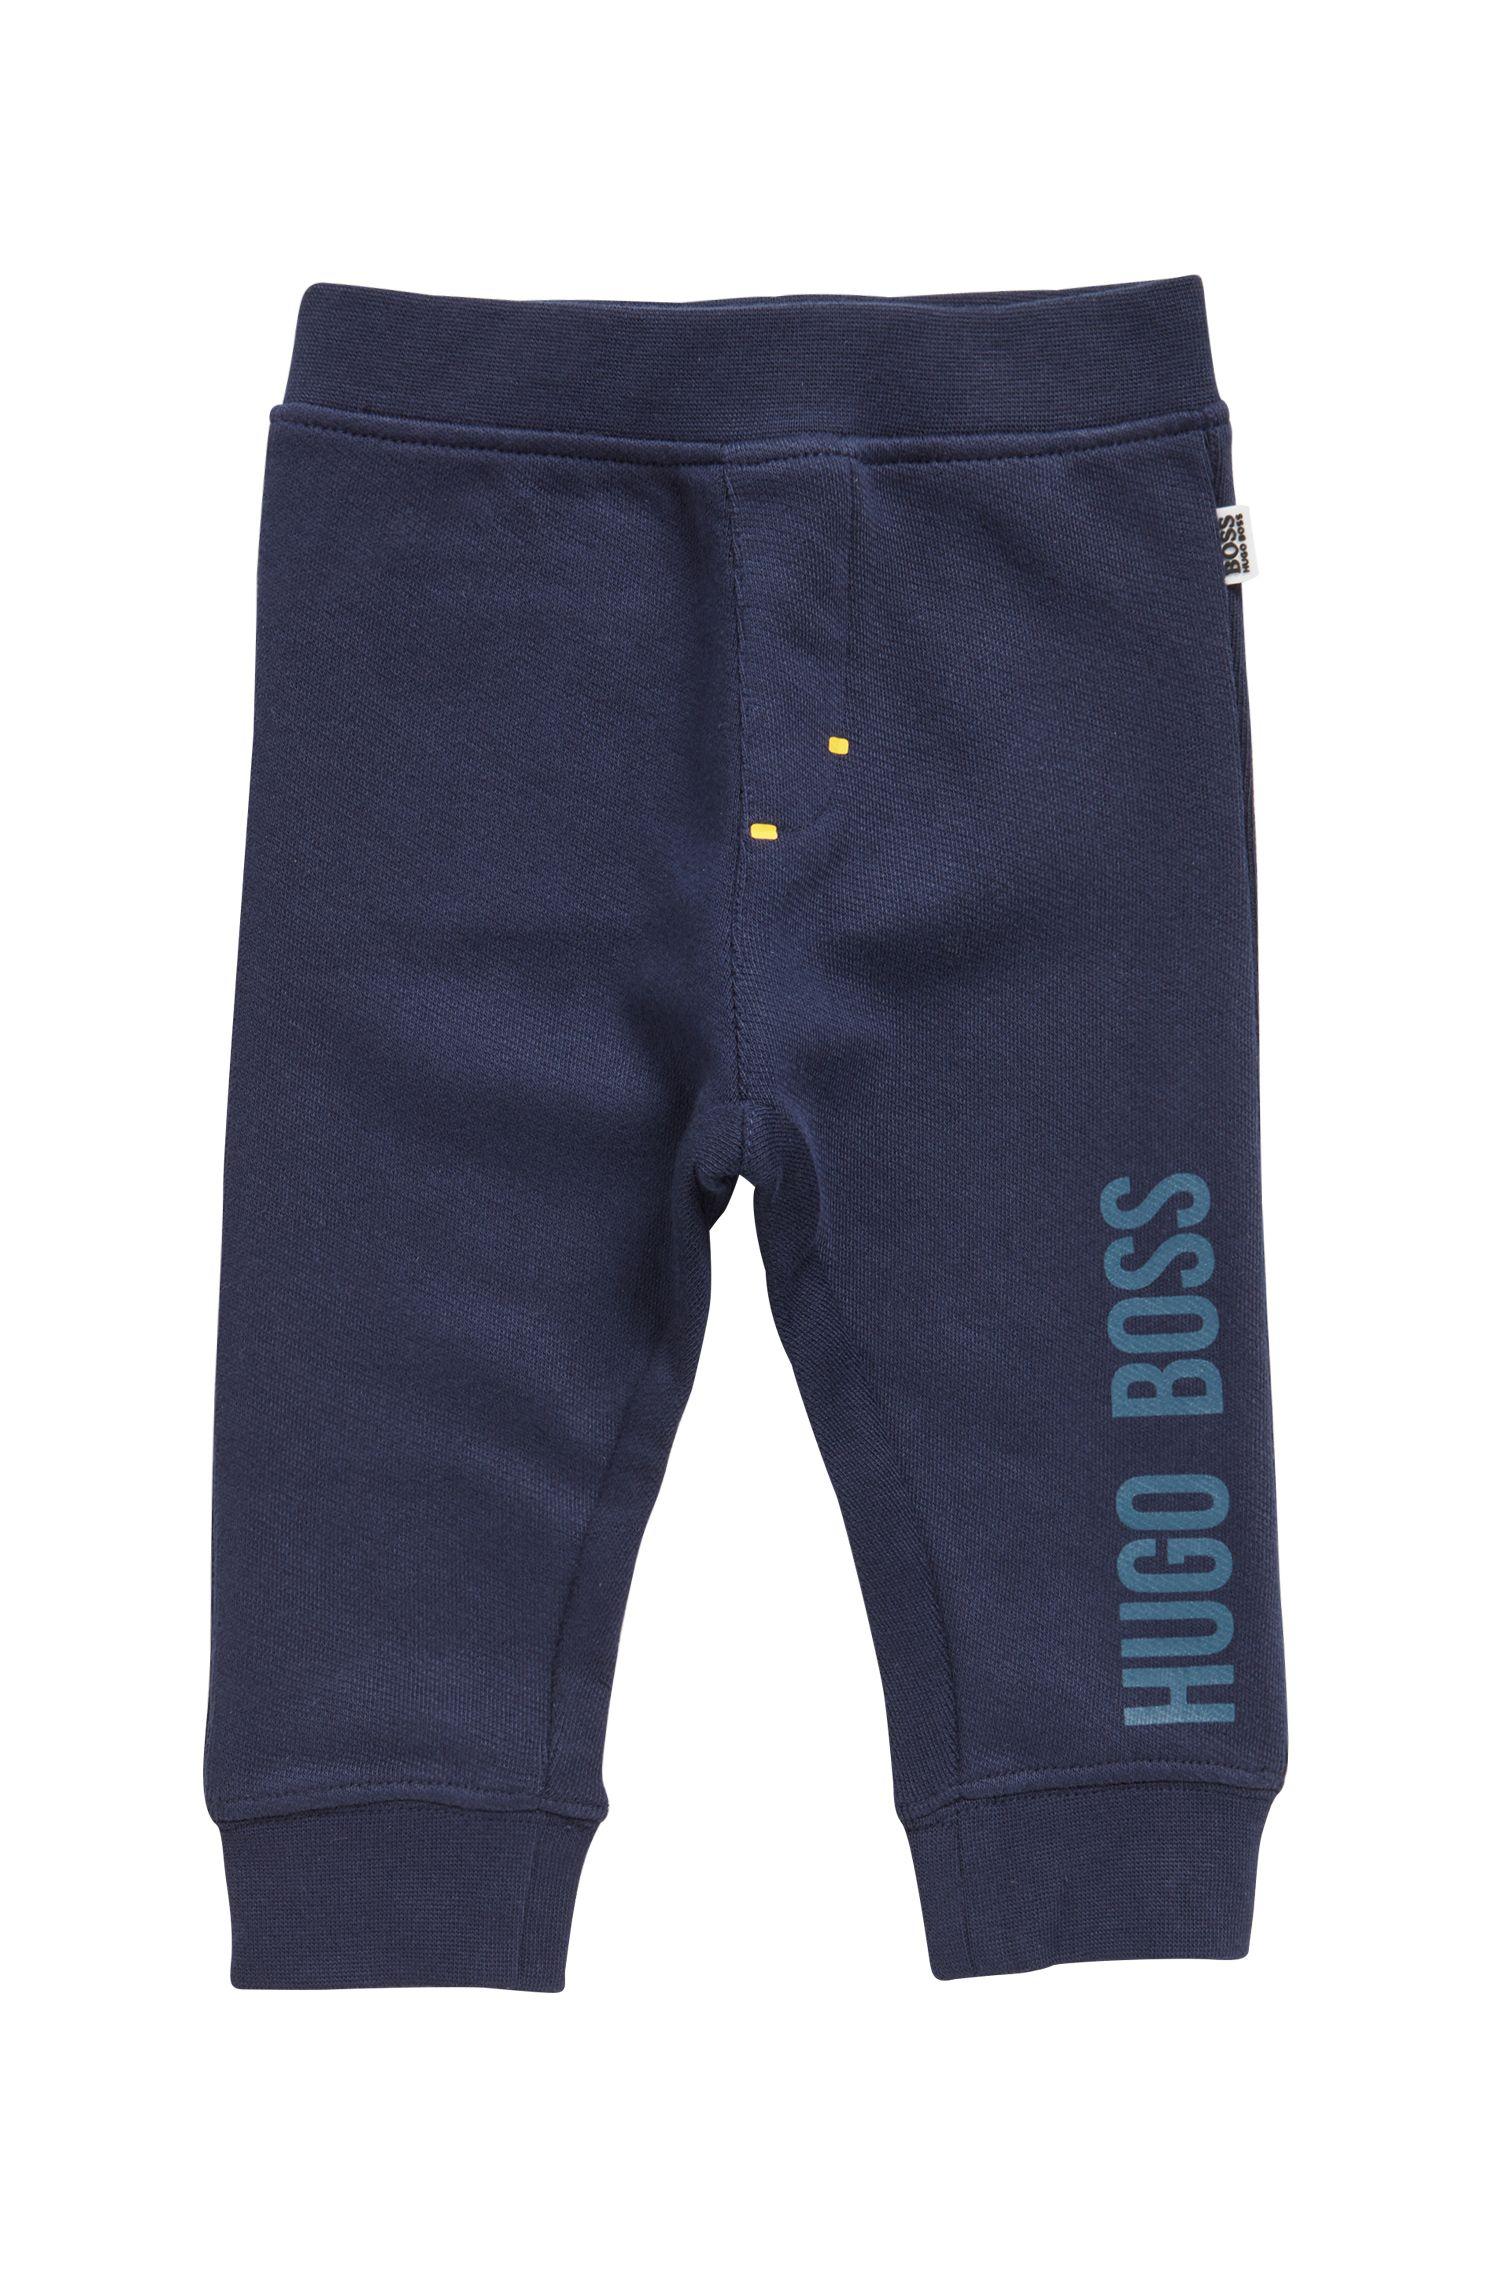 Pantalon d'intérieur pour enfant en molleton de coton avec logo, Bleu foncé